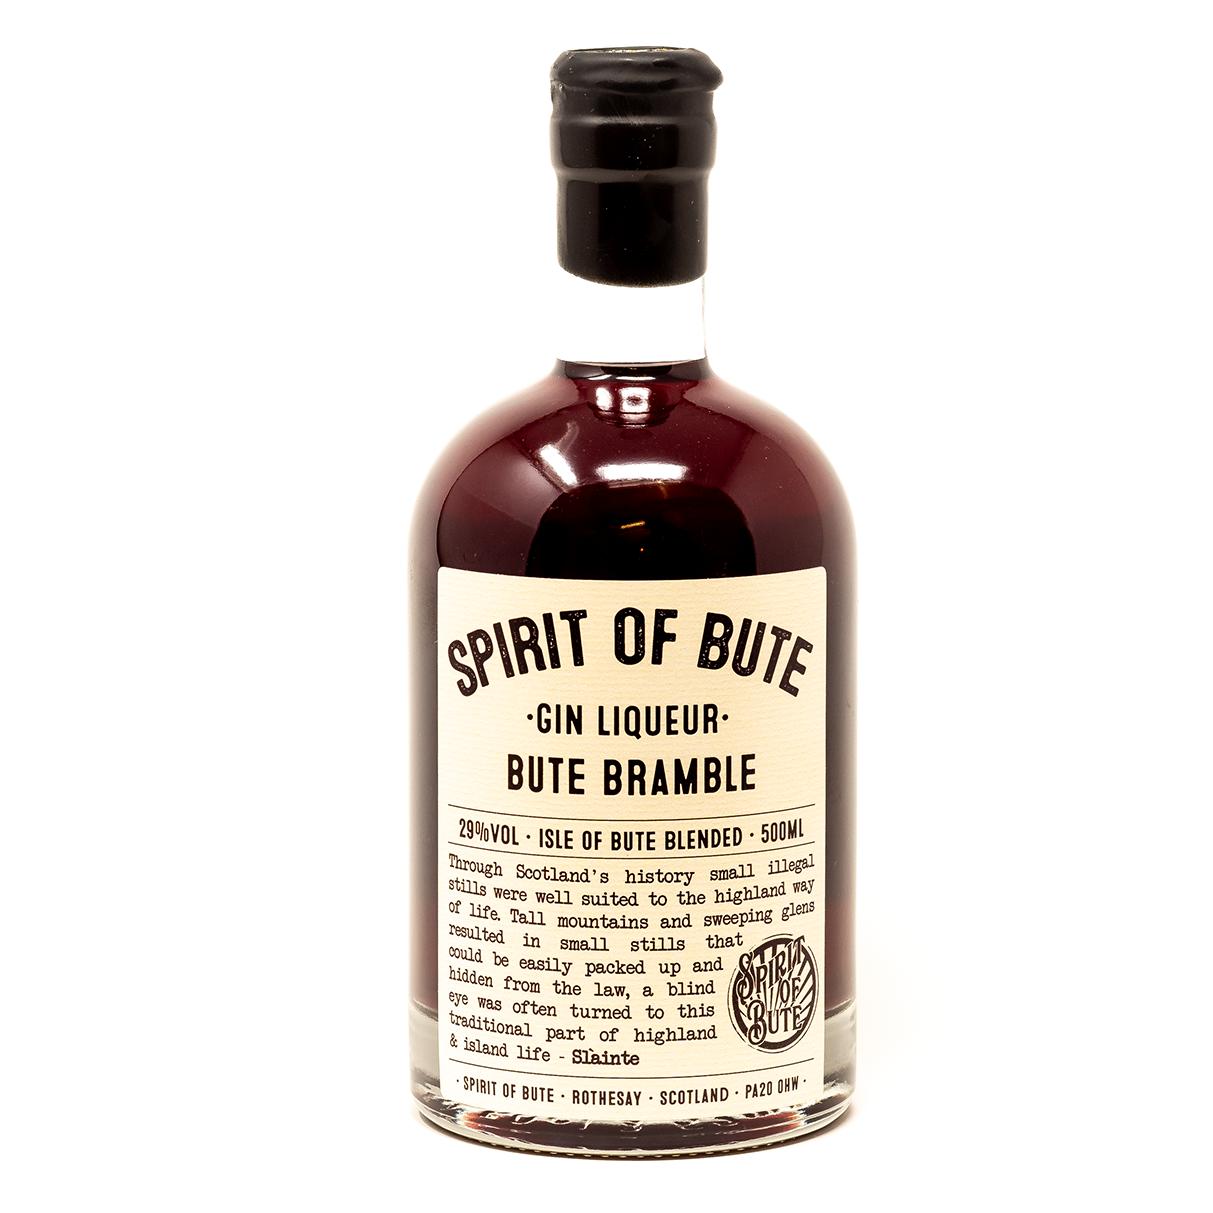 SOB Gin Liqueur (Bute Bramble)